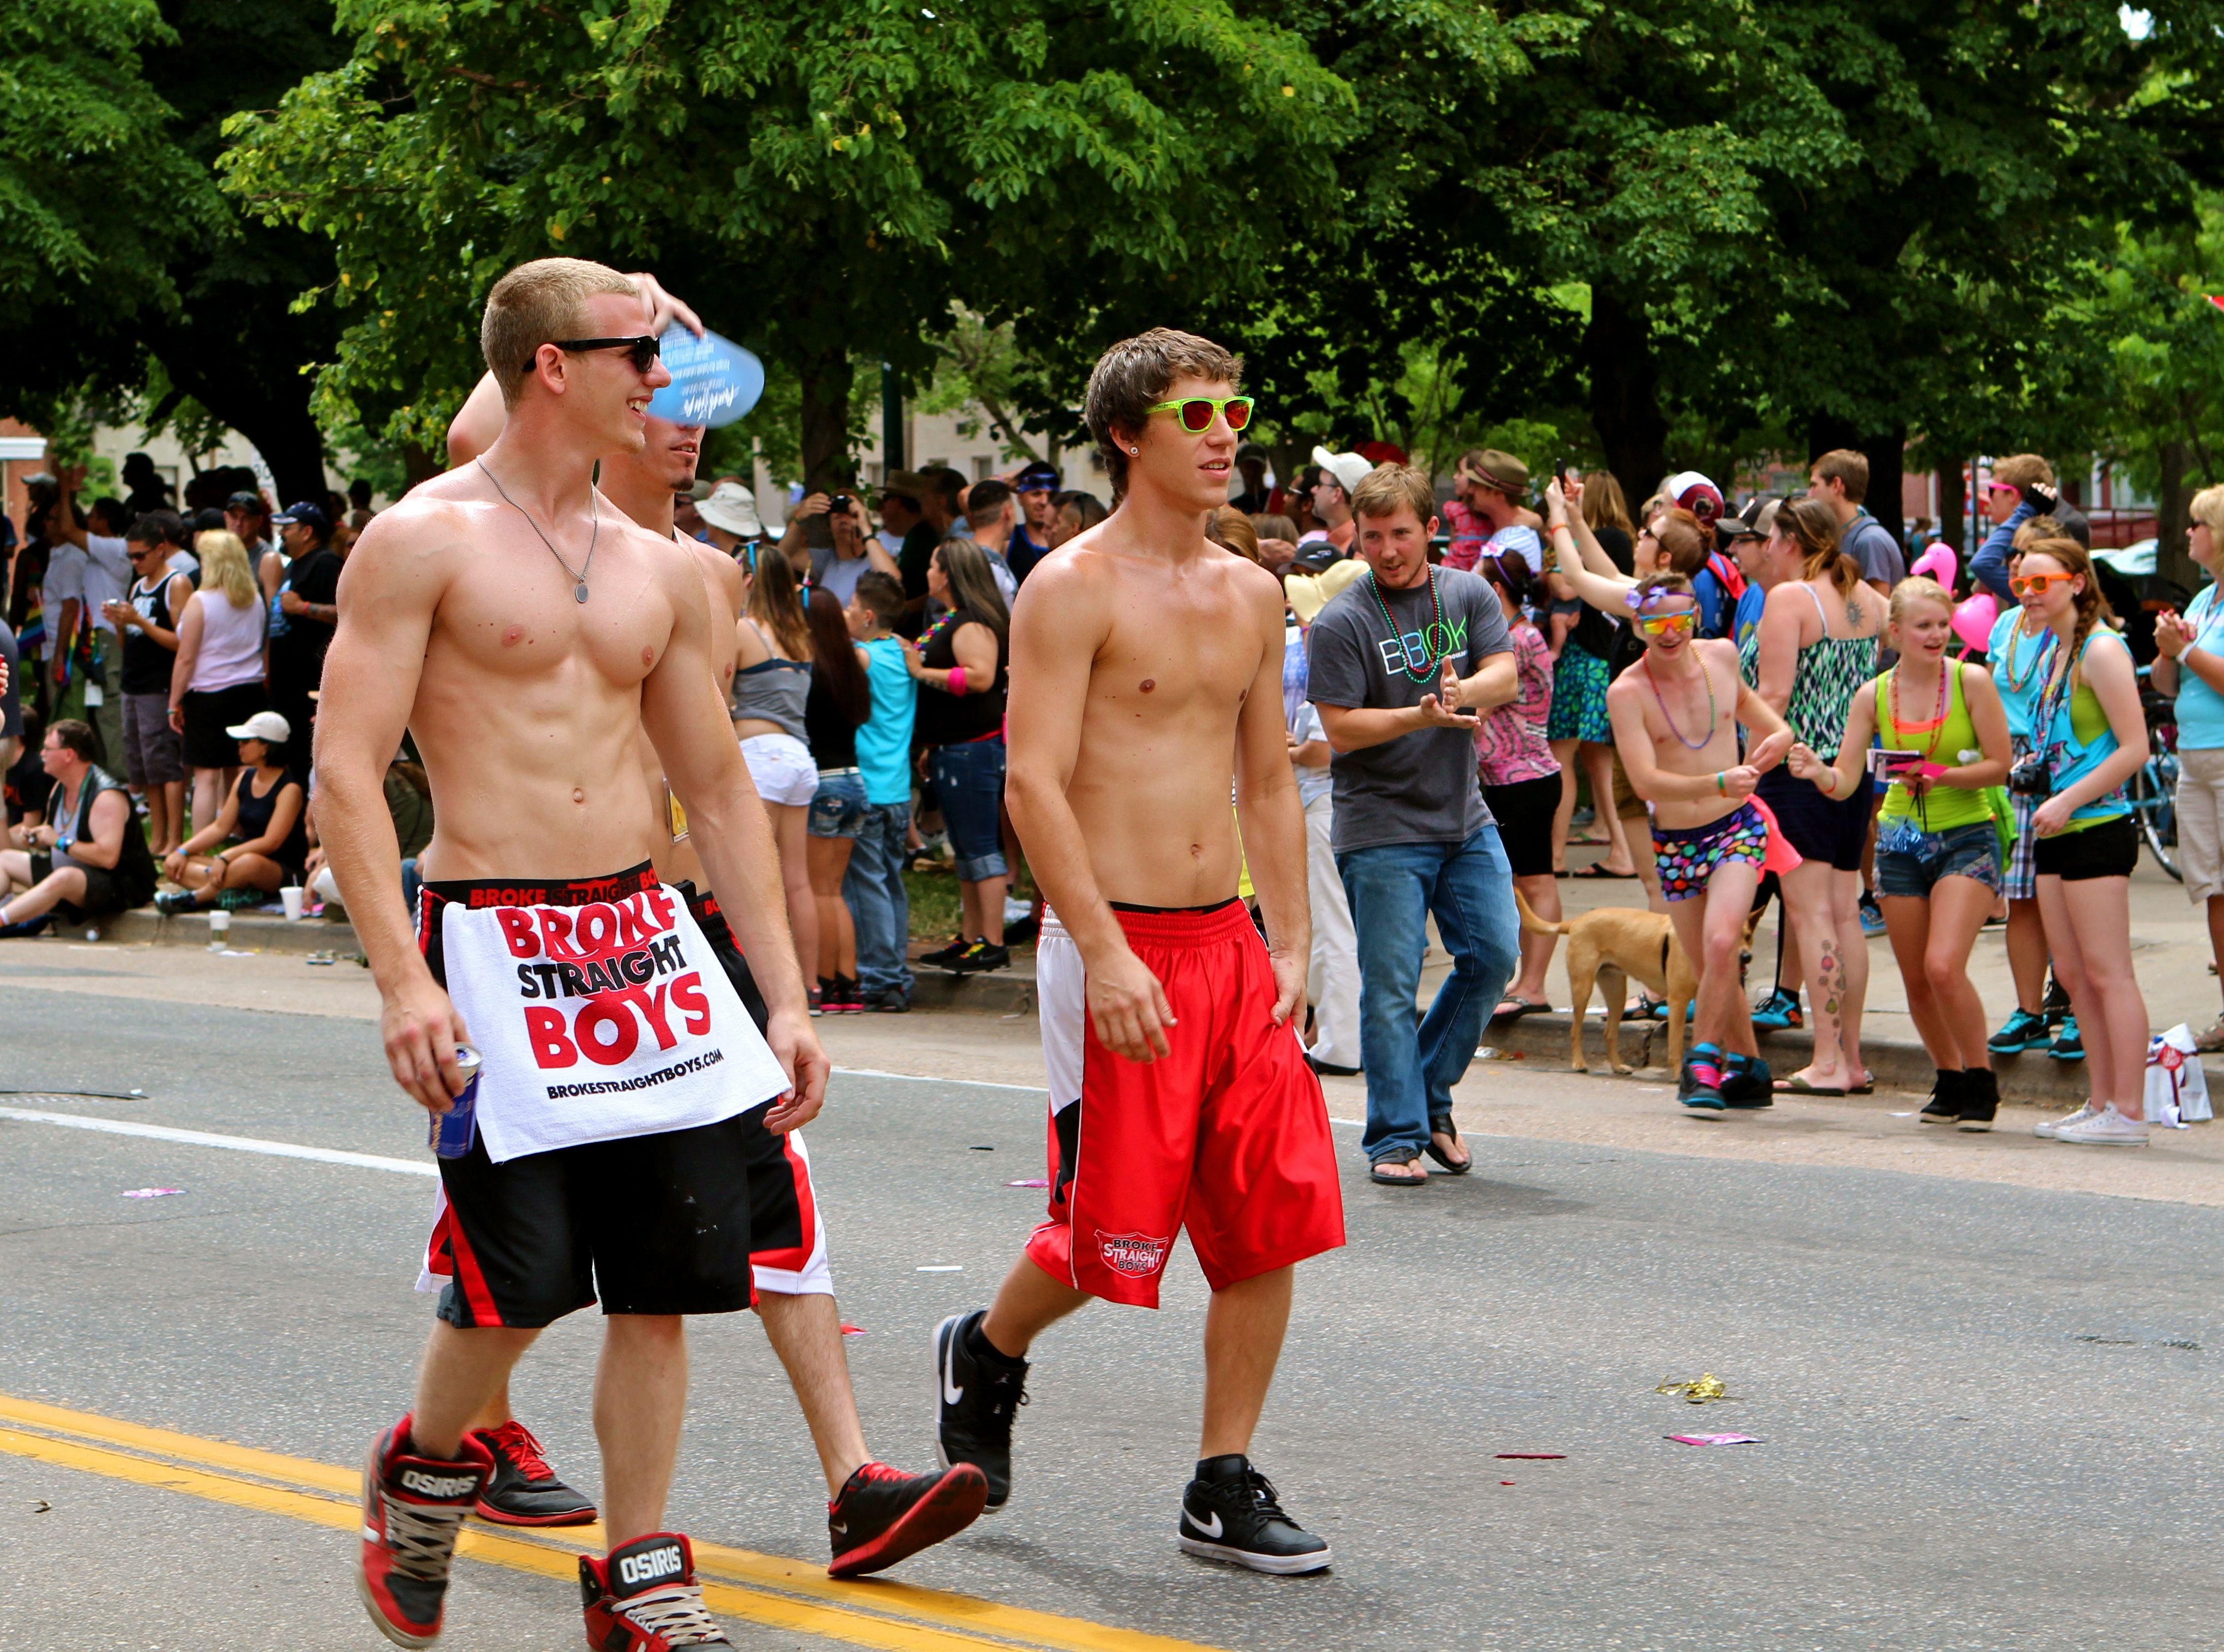 sexy parade men image